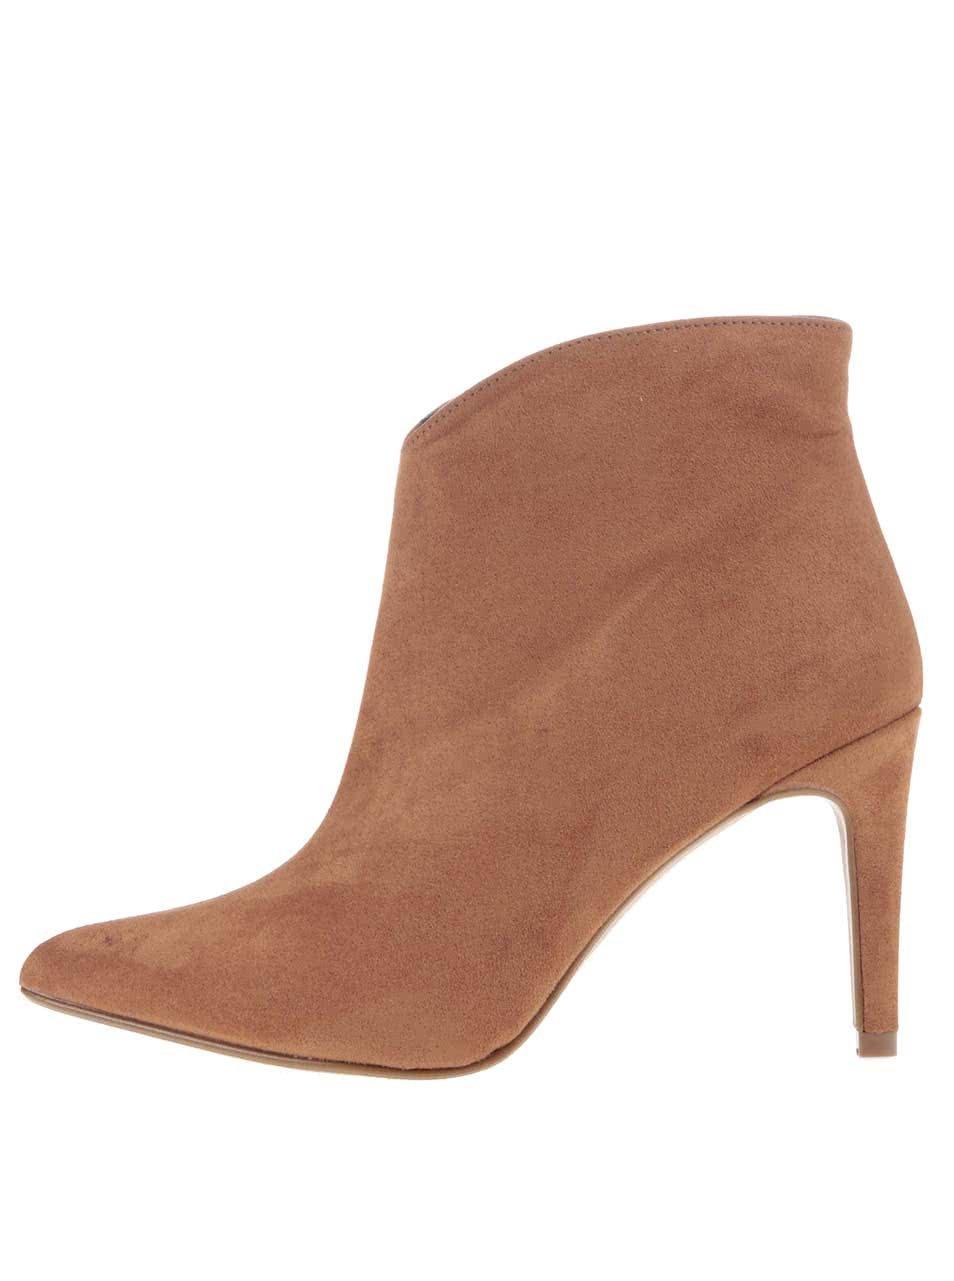 Hnědé boty na podpatku OJJU